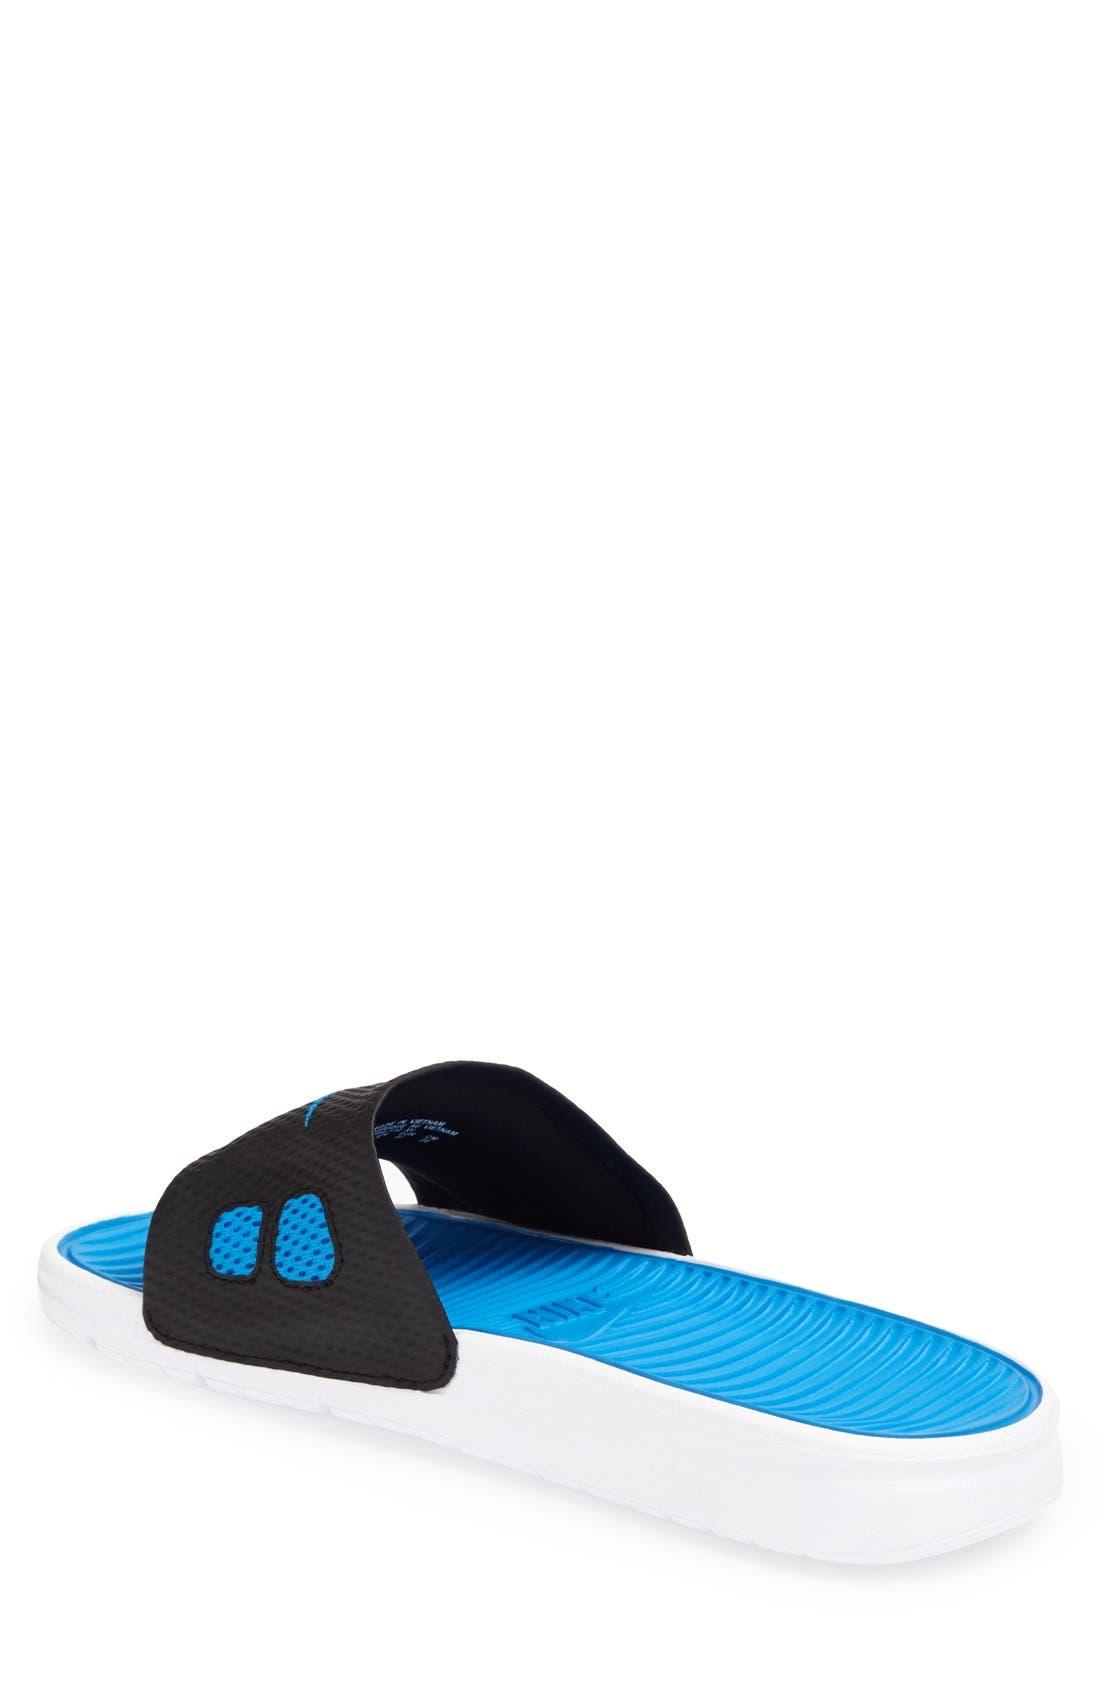 Alternate Image 3  - Nike 'Benassi Solarsoft' Slide